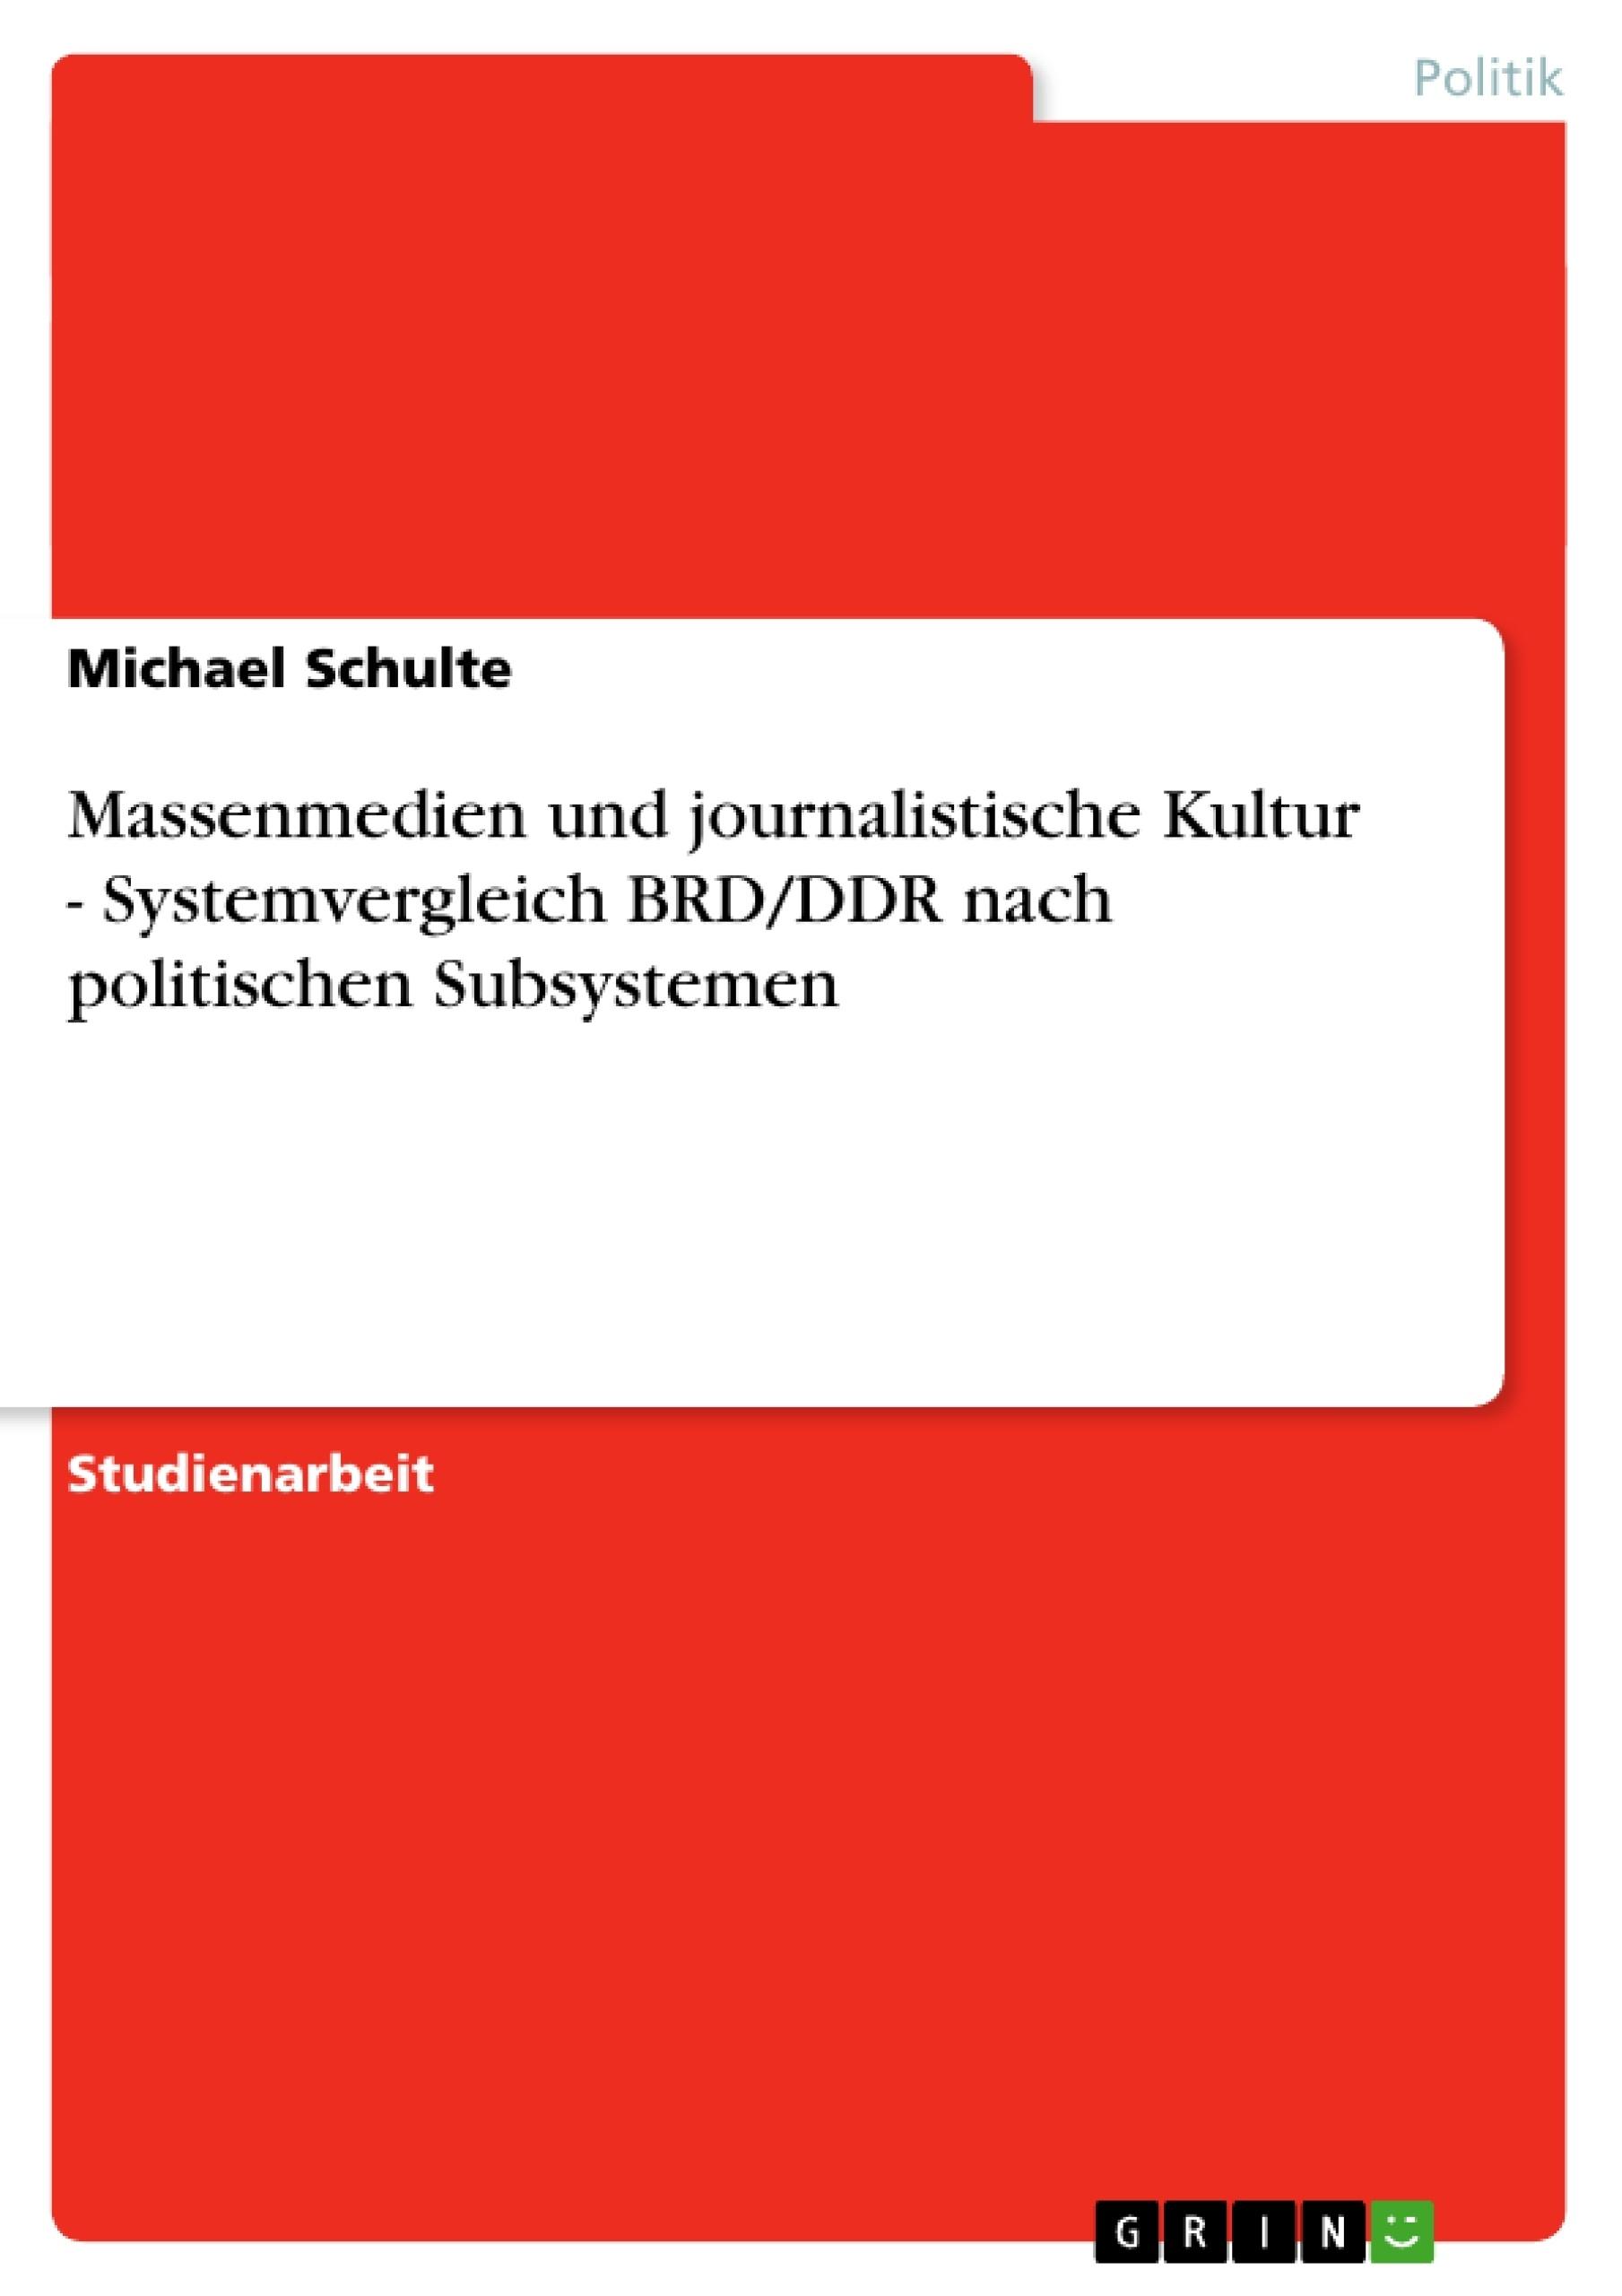 Titel: Massenmedien und journalistische Kultur - Systemvergleich BRD/DDR nach politischen Subsystemen